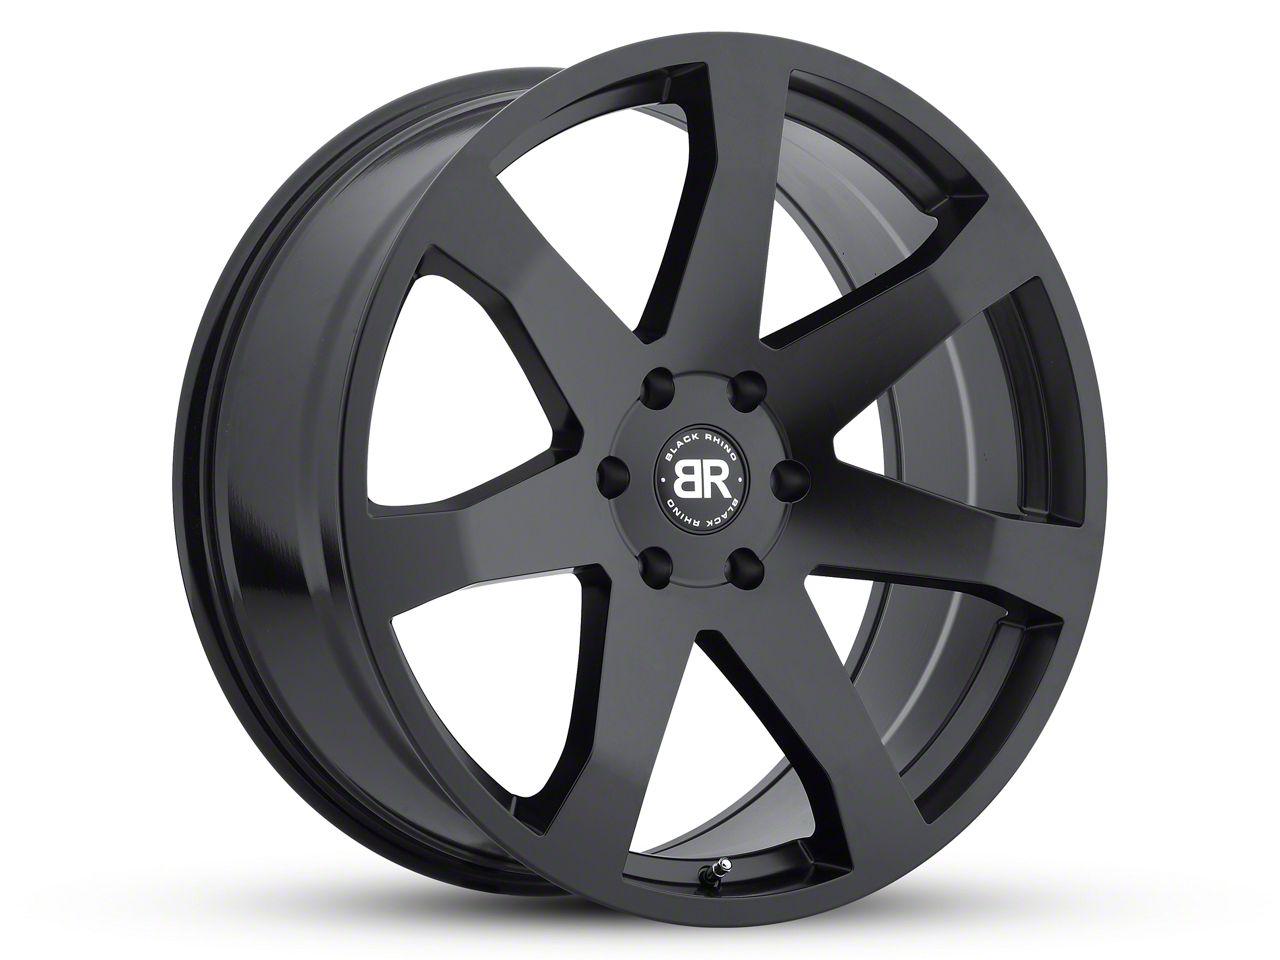 Black Rhino Mozambique Matte Black 6-Lug Wheel - 20x8.5 (07-18 Sierra 1500)